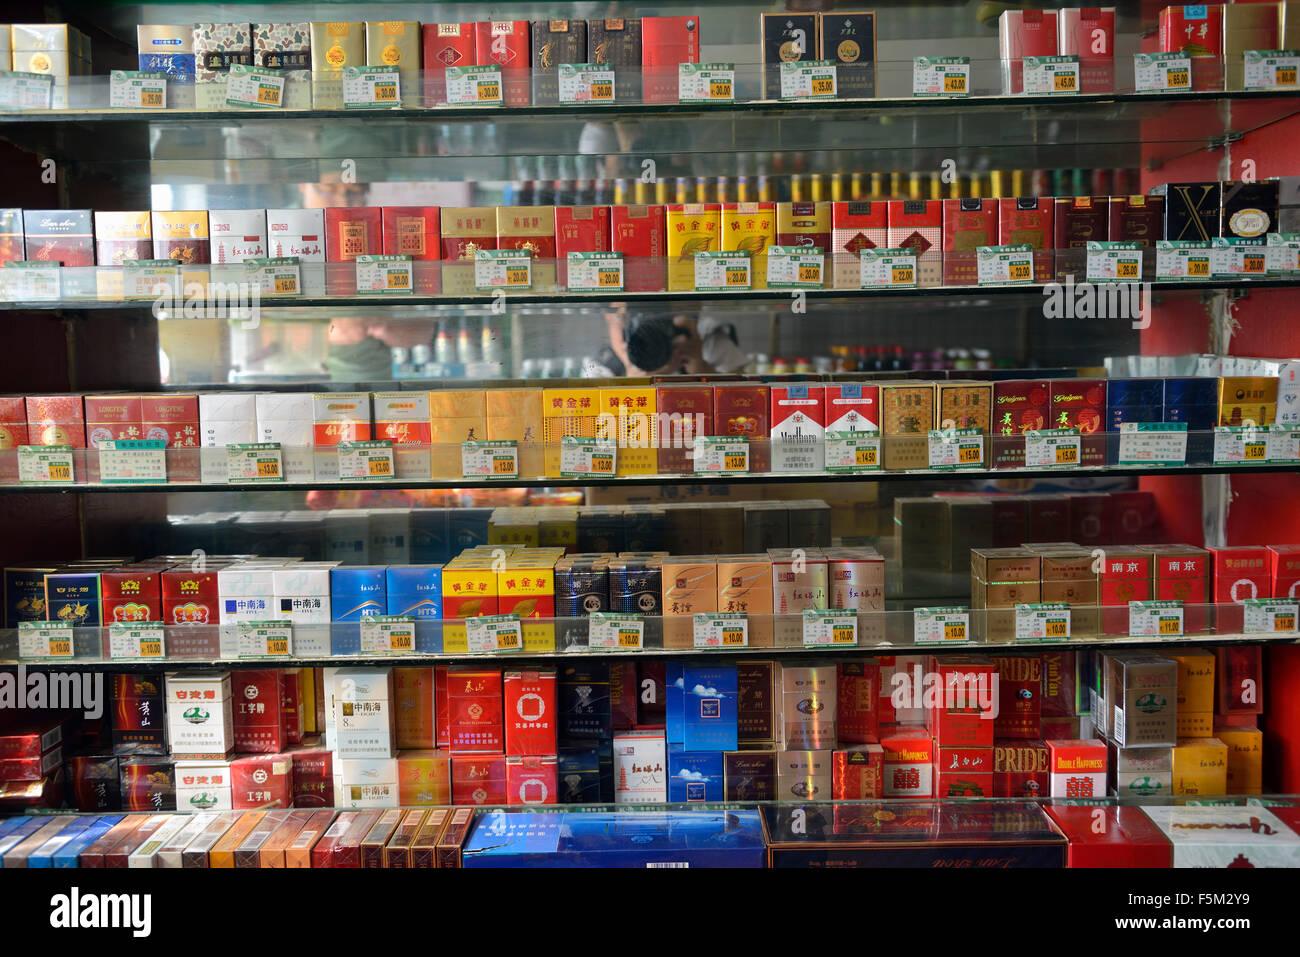 Une variété de cigarettes dans un magasin à Yinchuan, Ningxia, Chine. Banque D'Images